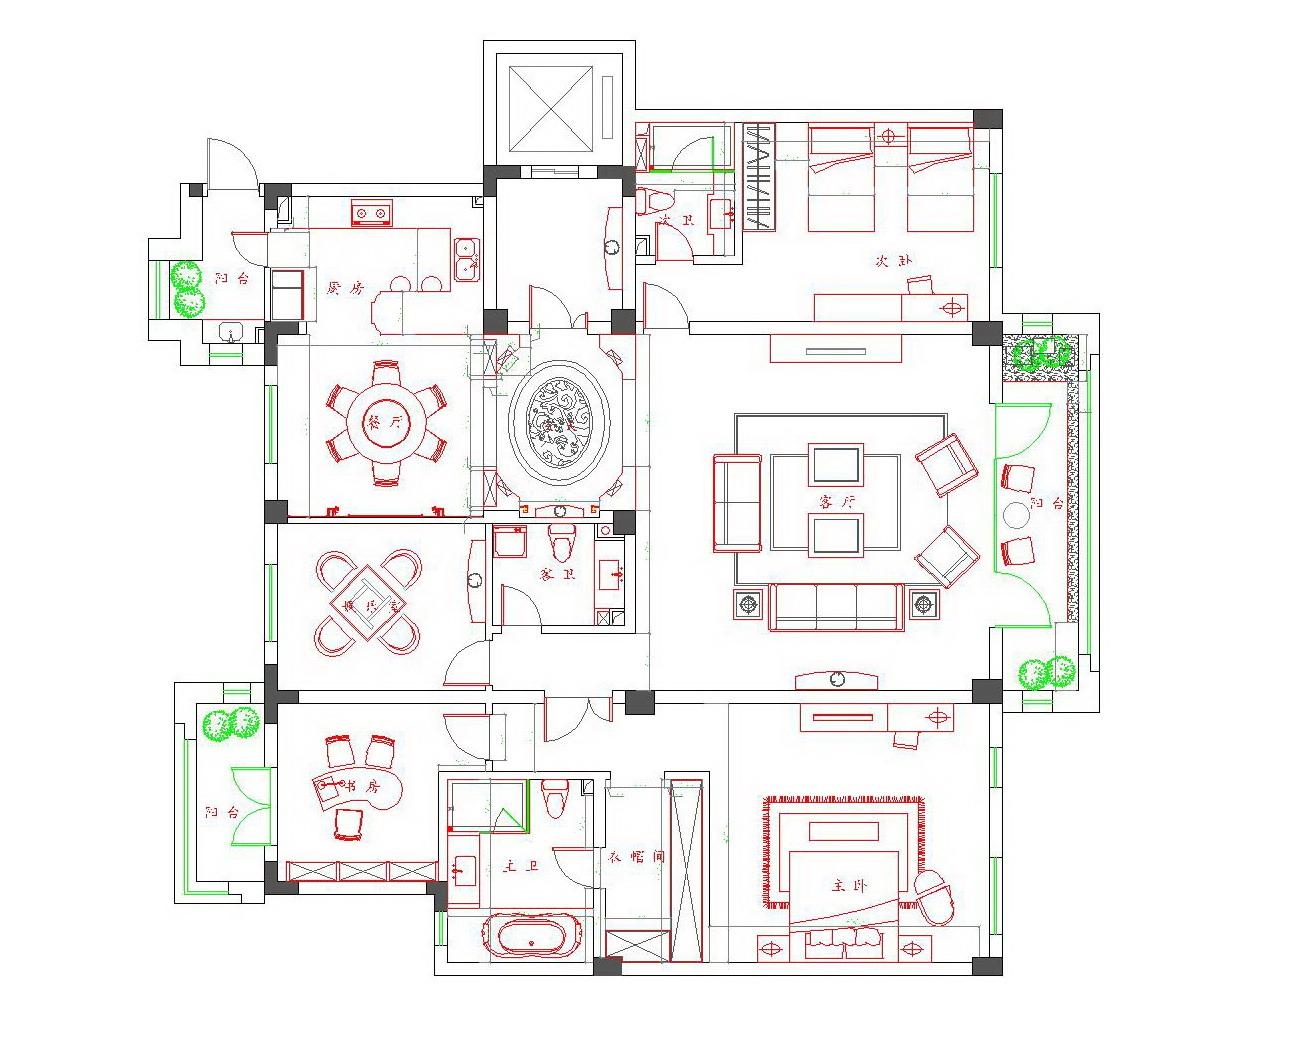 昆玉九里200平米简欧风格装修效果图装修设计理念